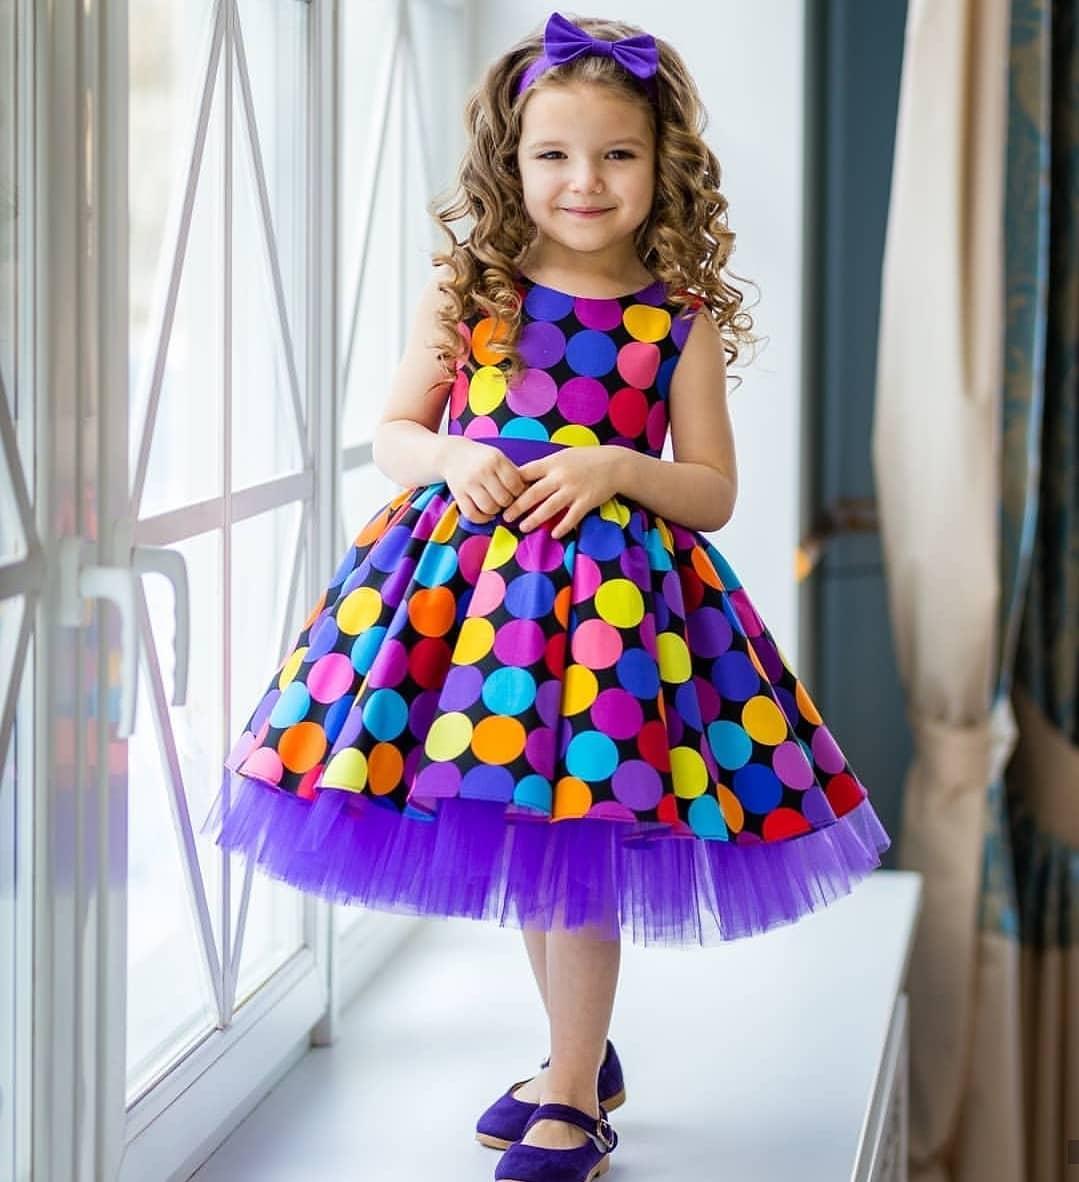 مدل لباس مجلسی دختربچه اینستاگرام